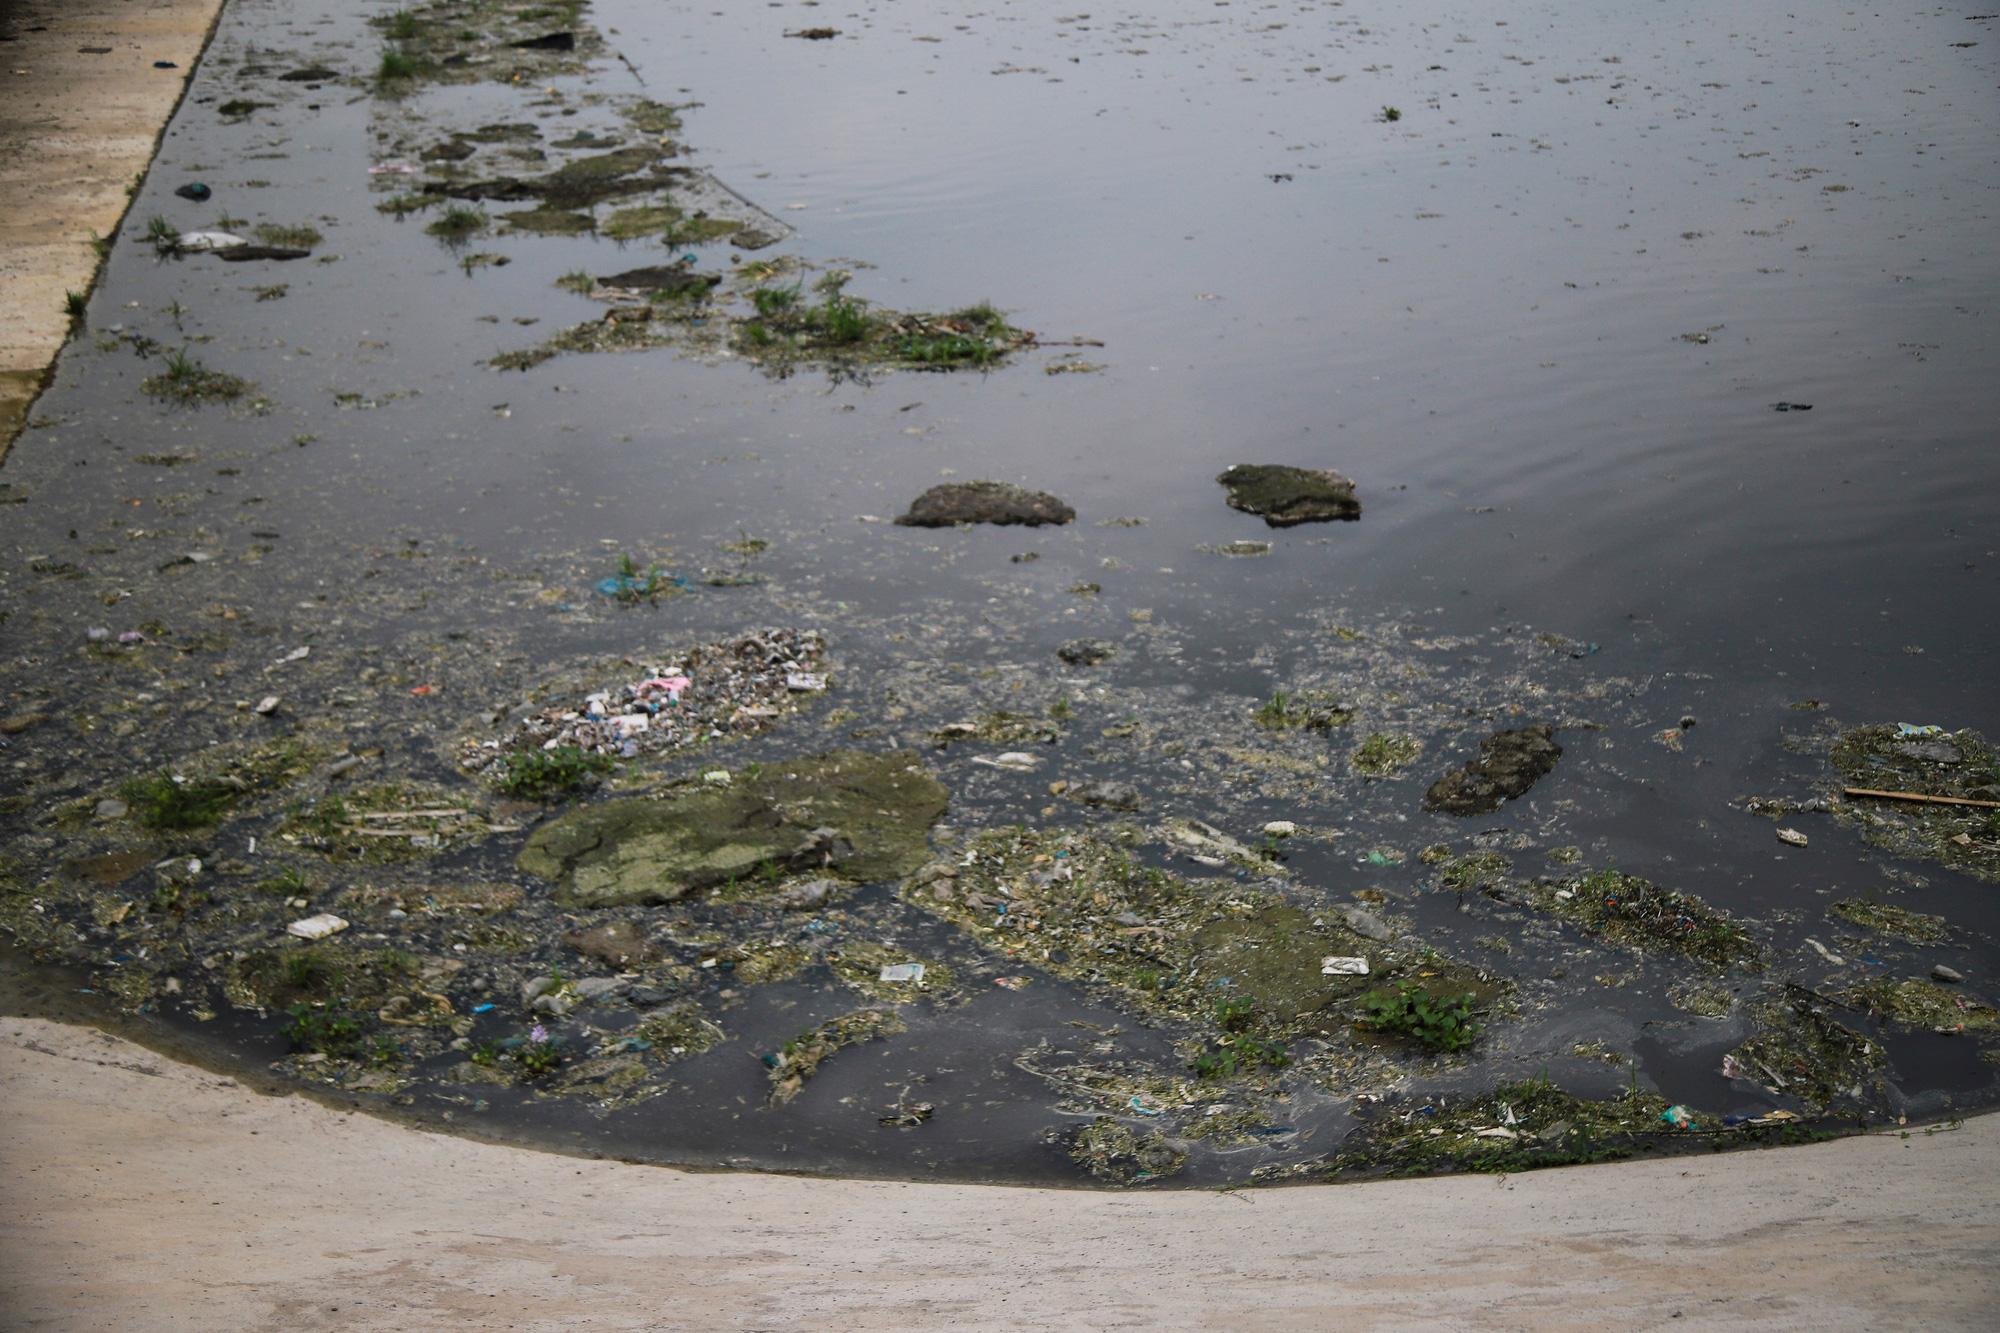 """Ô nhiễm kinh hoàng tại làng giấy Phú Lâm, Phong Khê, Phó Chủ tịch tỉnh Bắc Ninh ra tuyên bố """"rắn"""" với doanh nghiệp - Ảnh 7."""